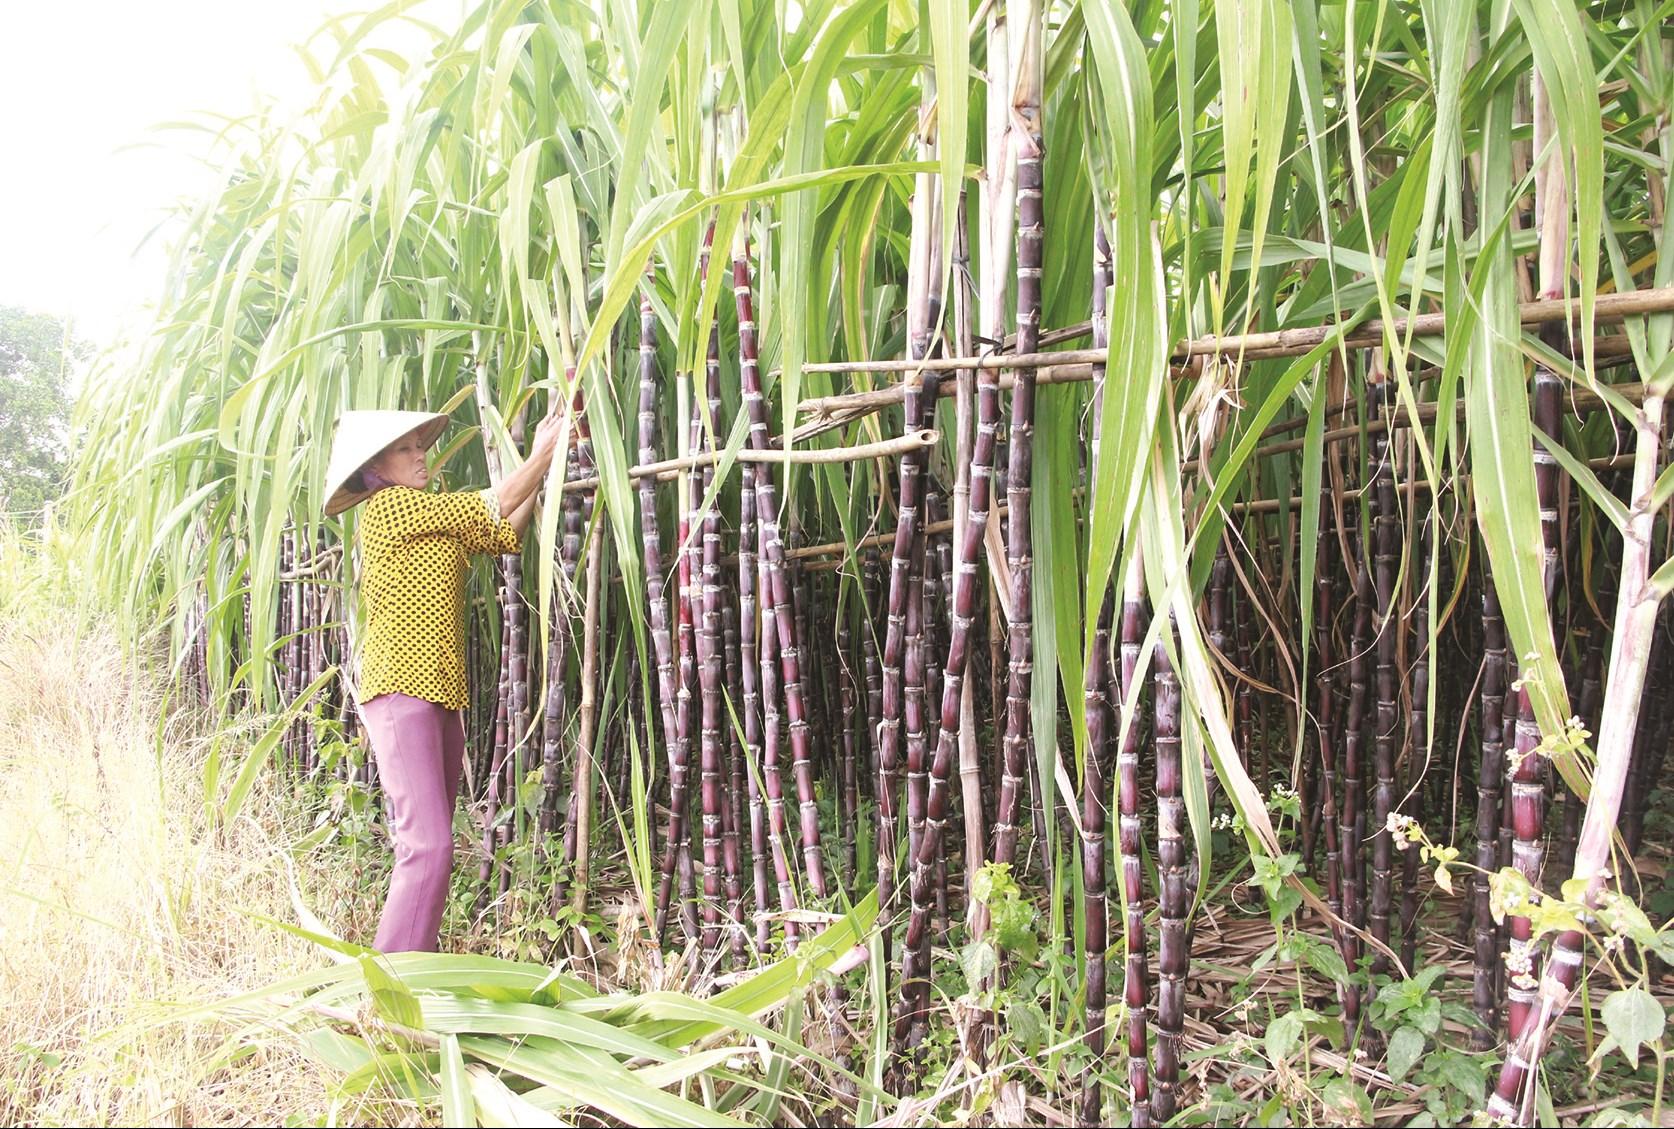 Cây mía tím được huyện Khánh Sơn chọn làm sản phẩm OCOP năm 2020